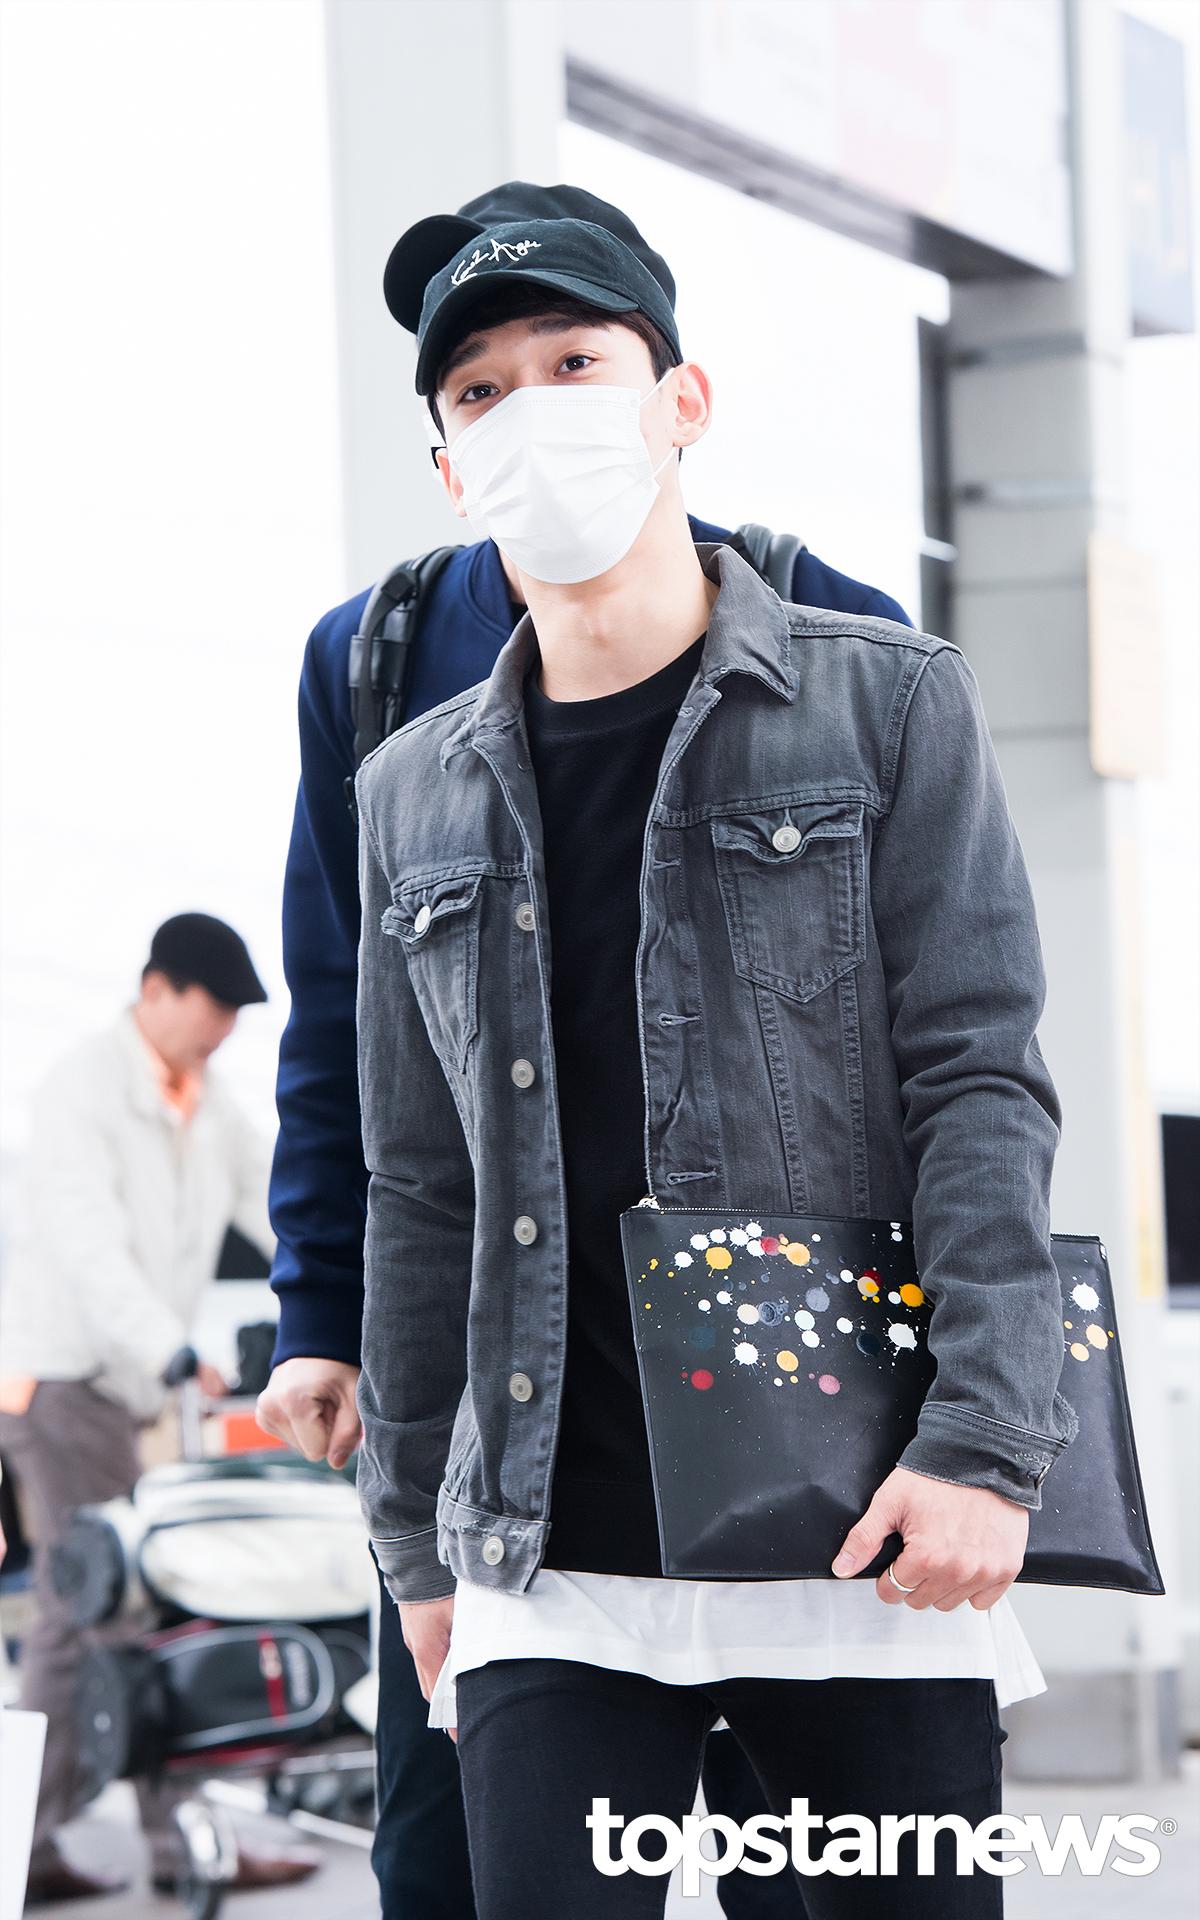 ▲ 牛仔外套 而CHEN的風格則比較俐落,大家比較喜歡誰的造型呢?